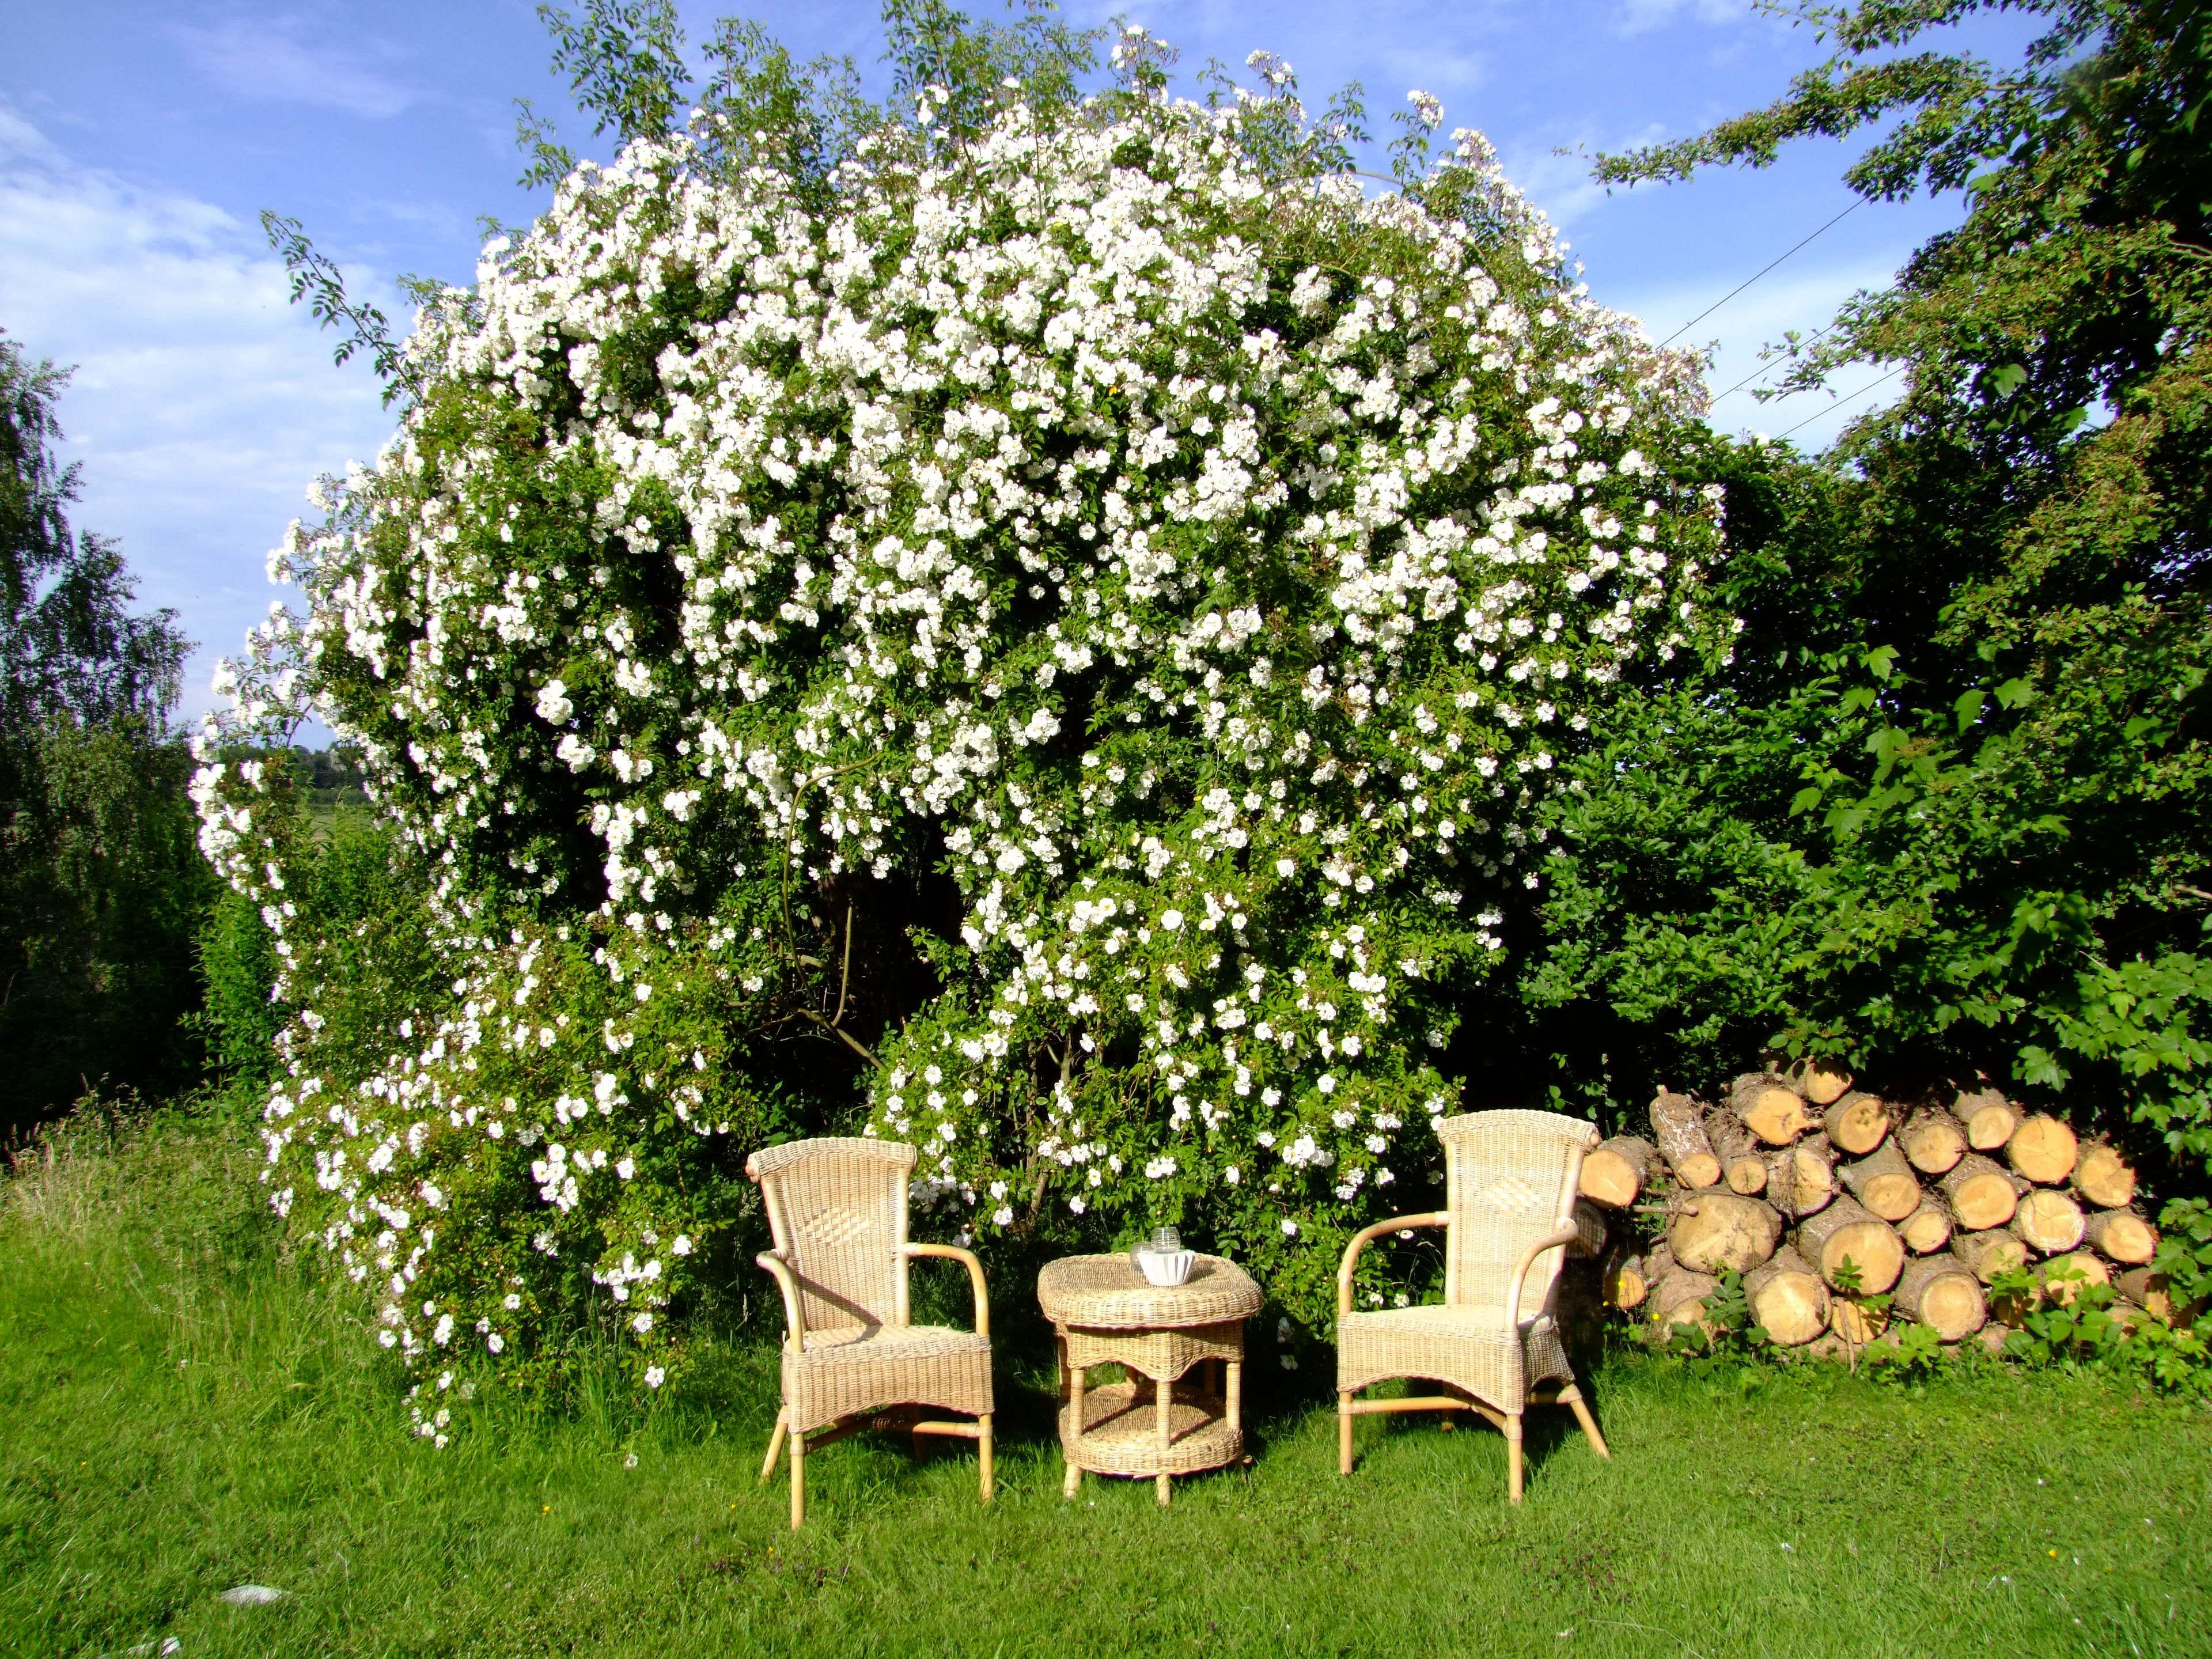 garten sitzecke gestalten: ideen für kleine & große gärten